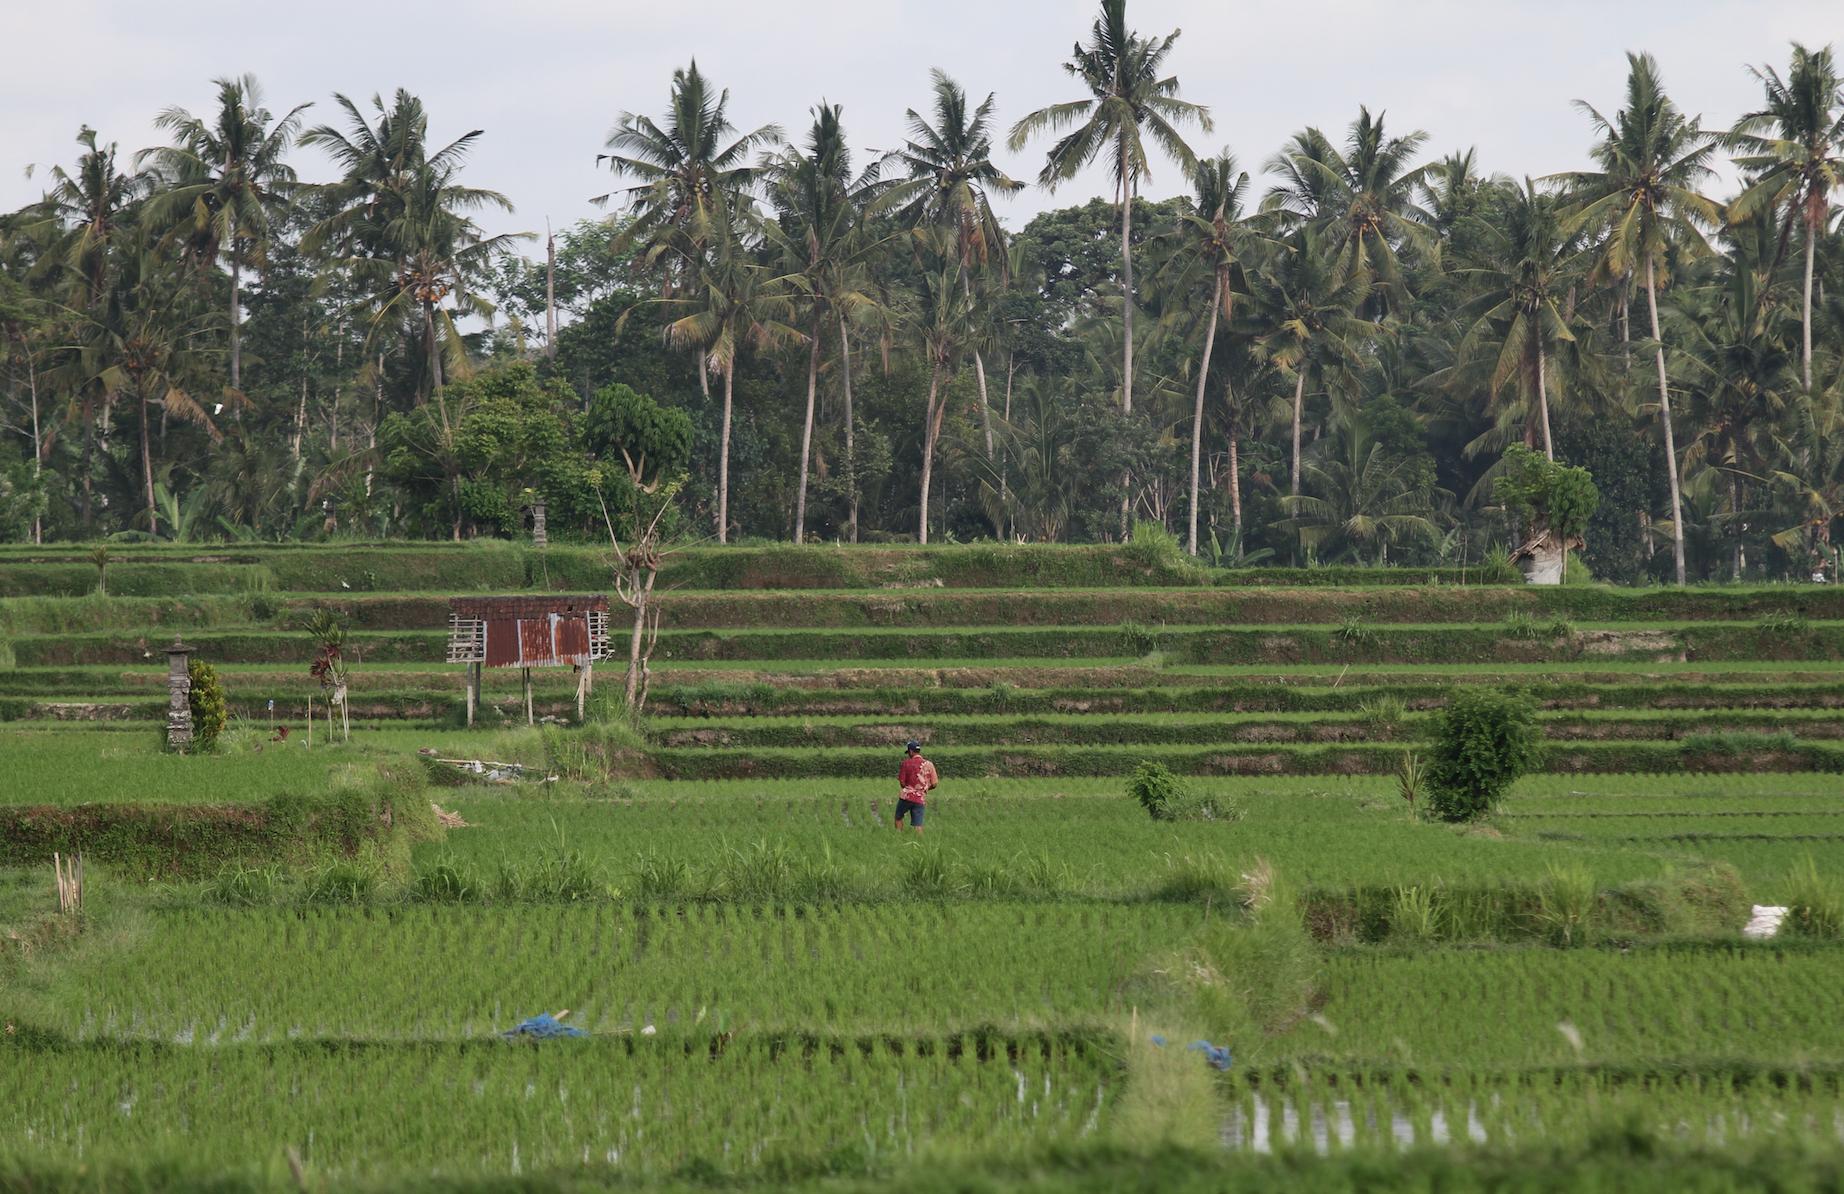 Ristmarkene på Bali er viden kjent for sine lappeteppe-aktige jorder i etasjer.